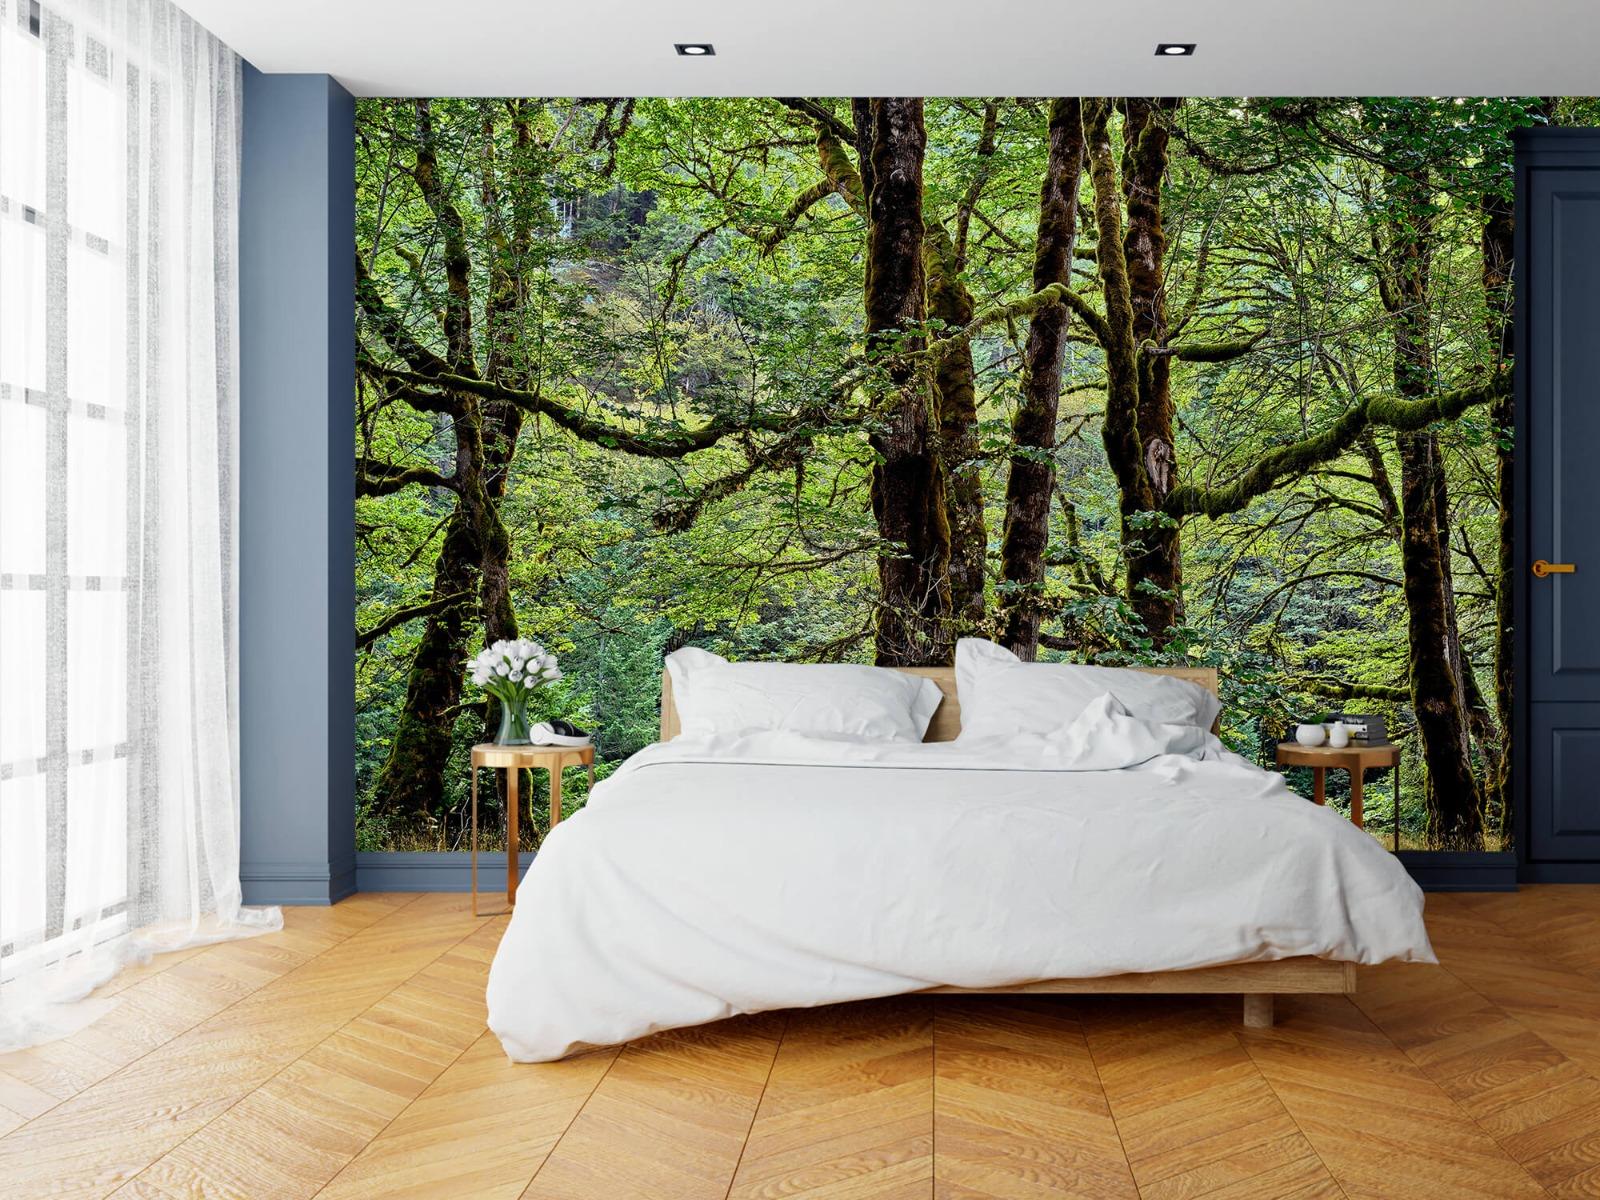 Bomen - Bomen met mos - Wallexclusive - Slaapkamer 16